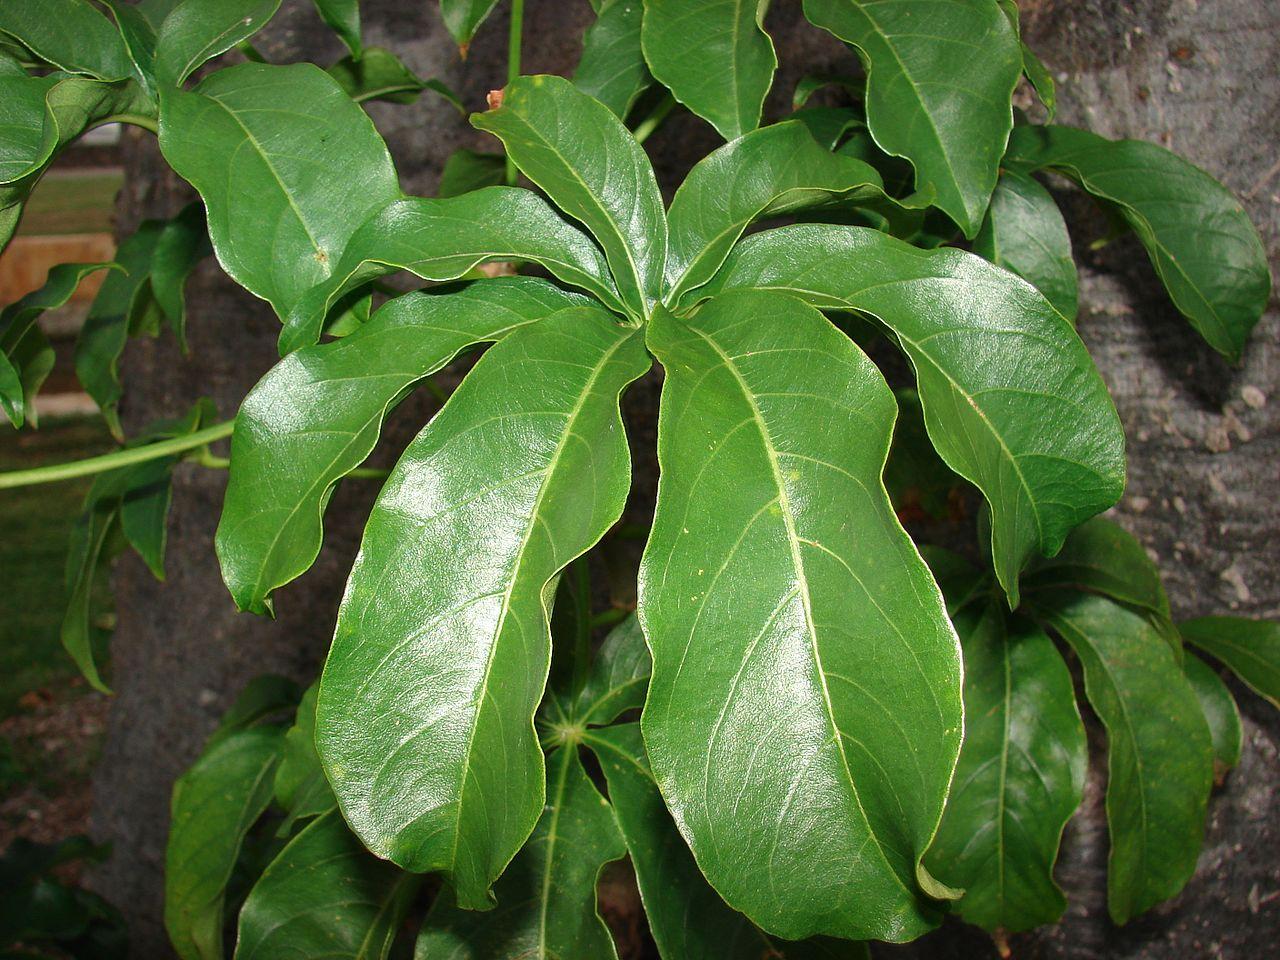 Las hojas del baobab son grandes